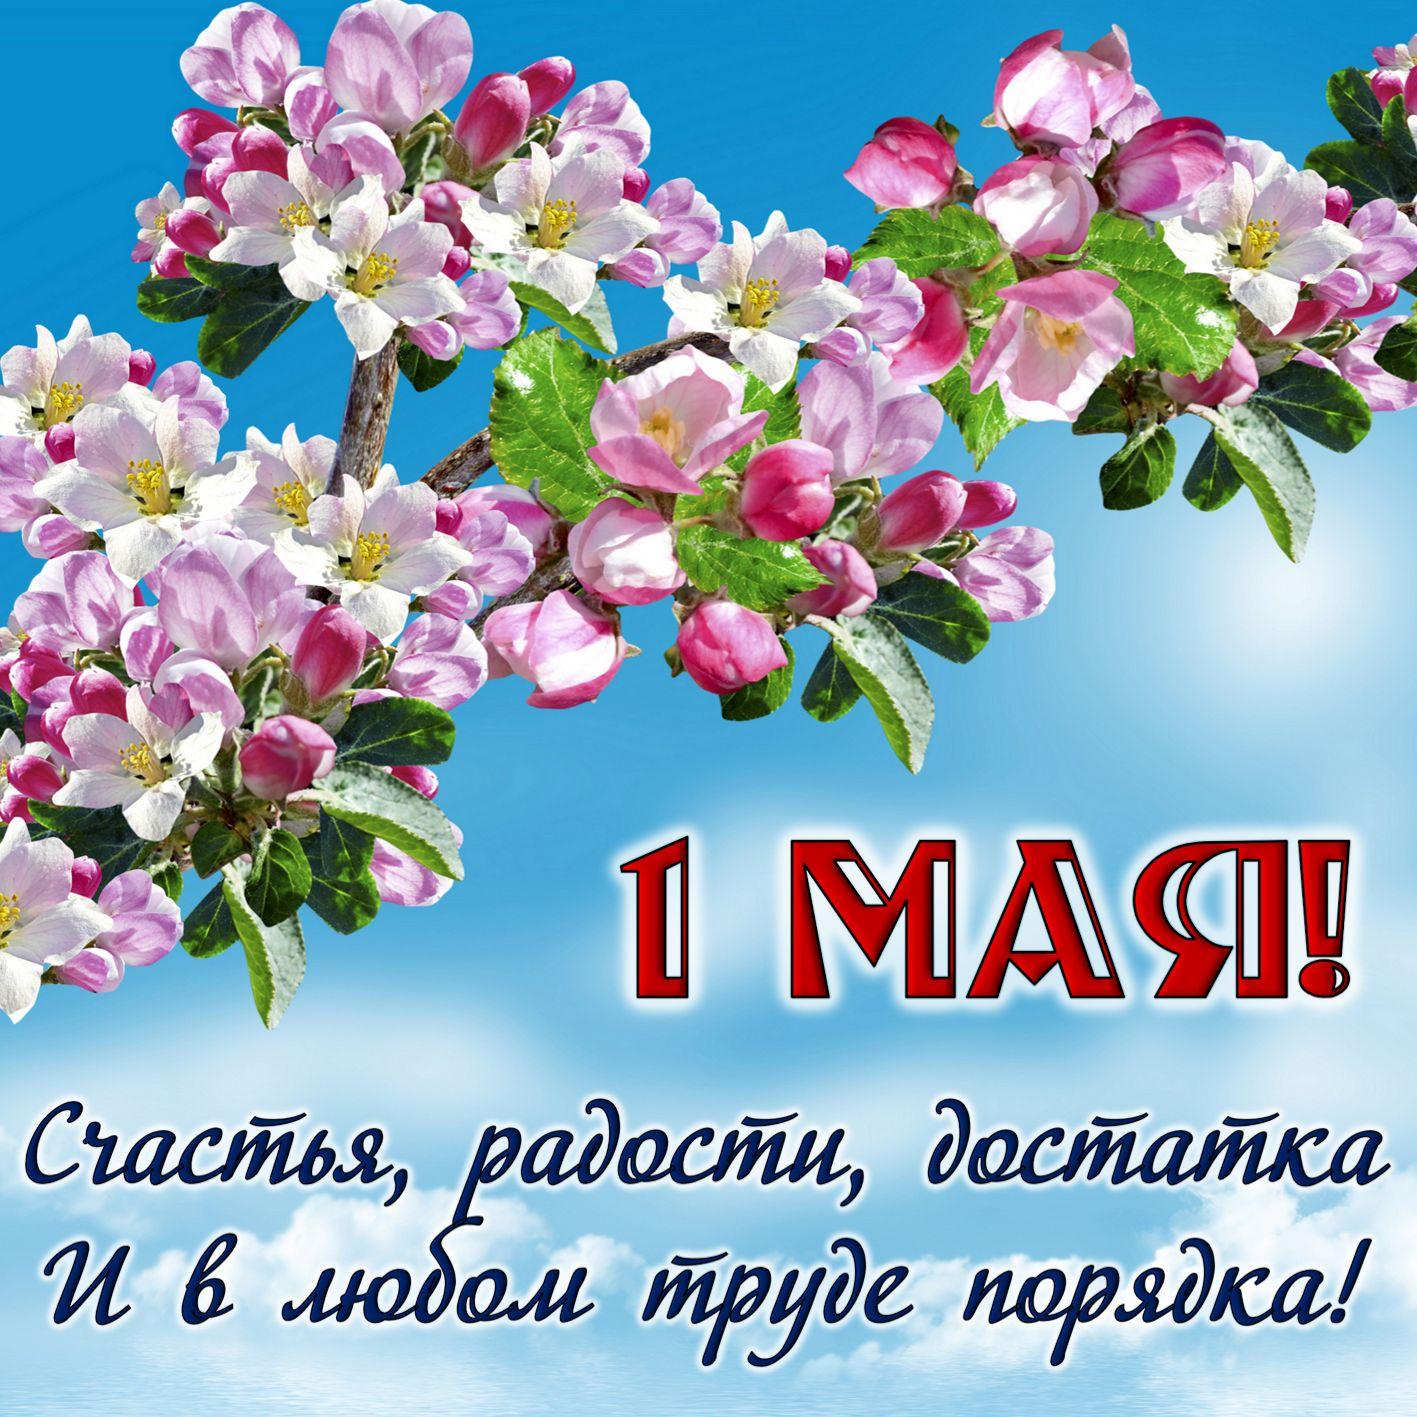 Открытка с пожеланием и цветами к 1 Мая